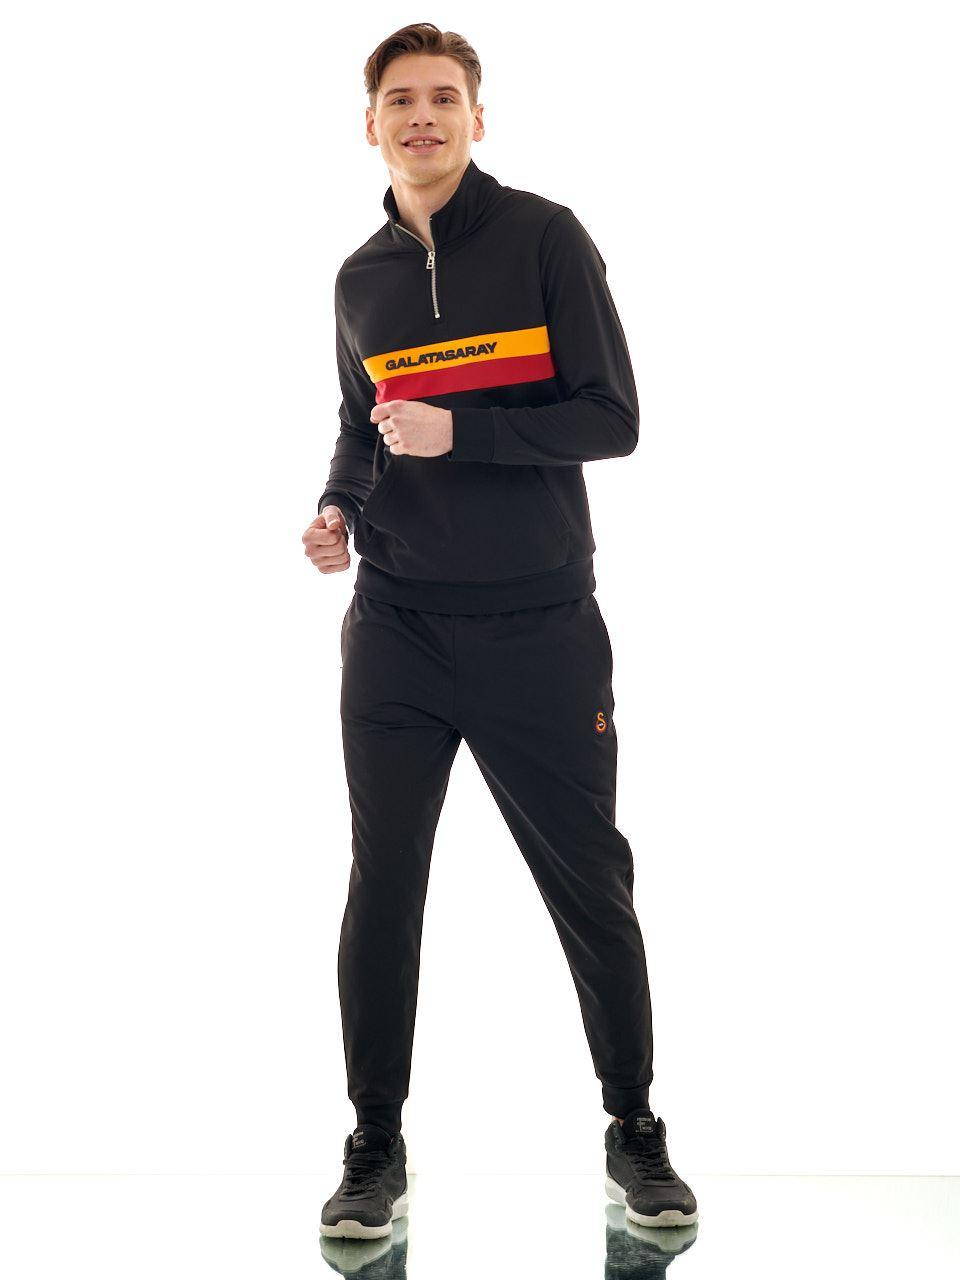 Galatasaray Erkek Eşofman Takımı E211086